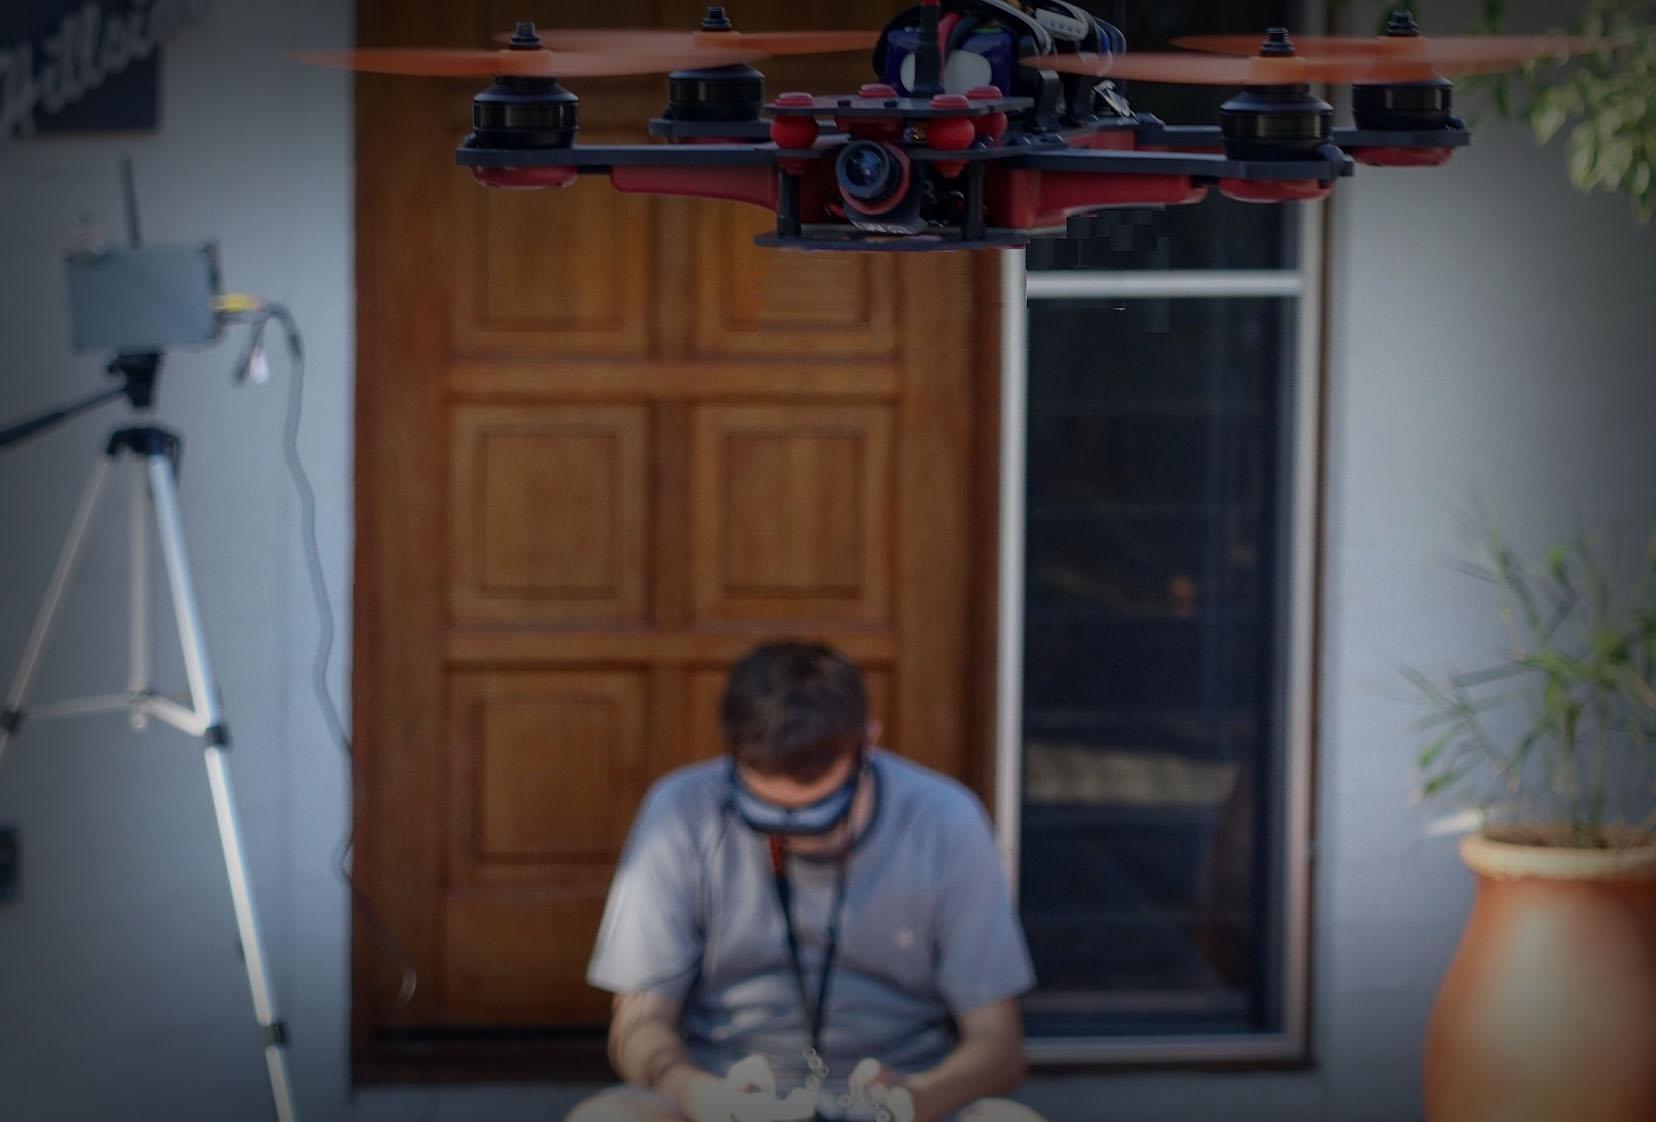 CURSOS DE DRONES